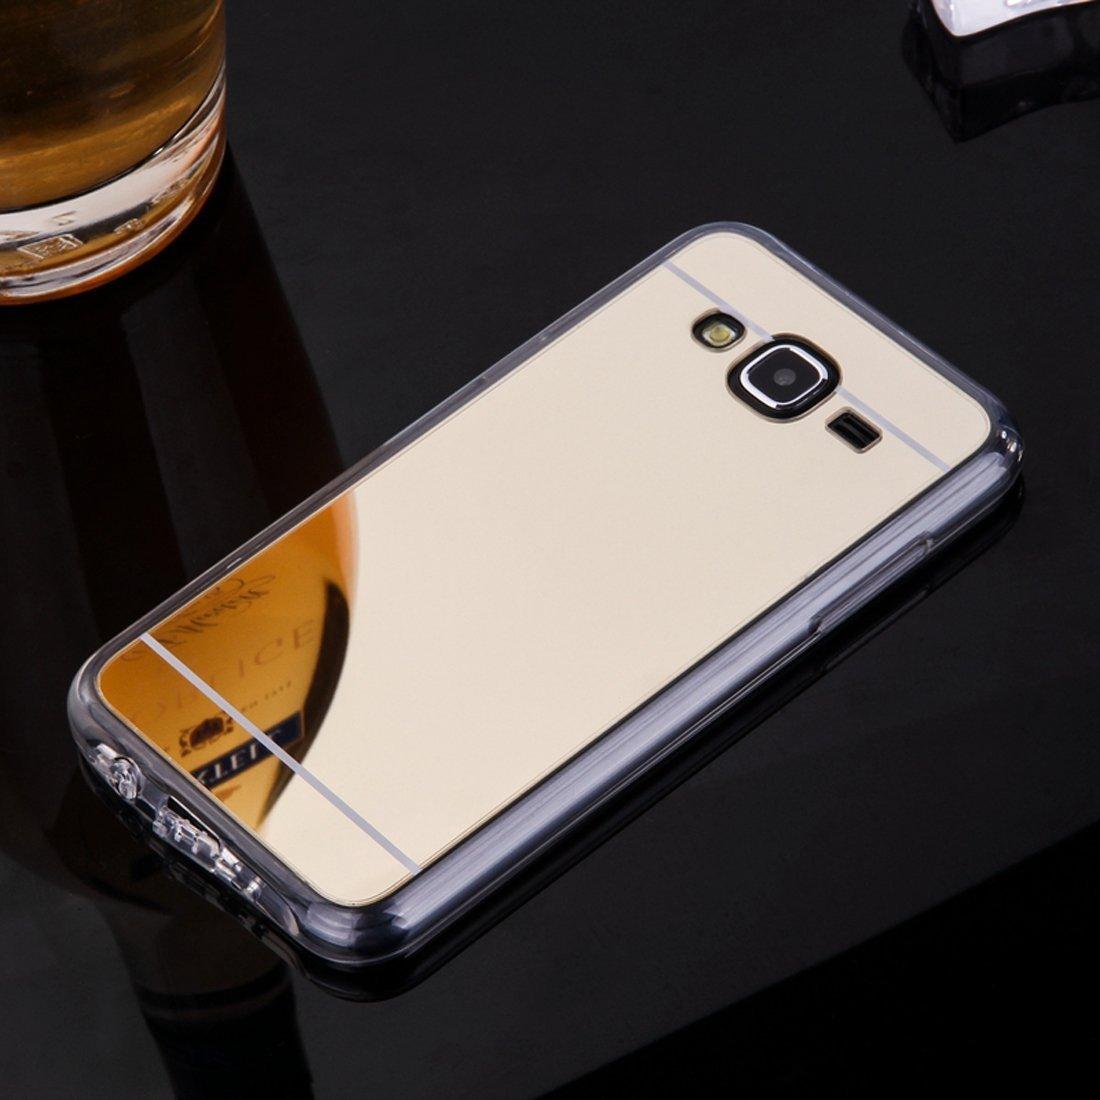 Sycode Hü lle Spiegel Glitzer Diamant Strass Ü berzug Gold Weiche Glä nzend Shell Etui mit Bä r Ring Stä nder for Samsung Galaxy J7 2015-Silber